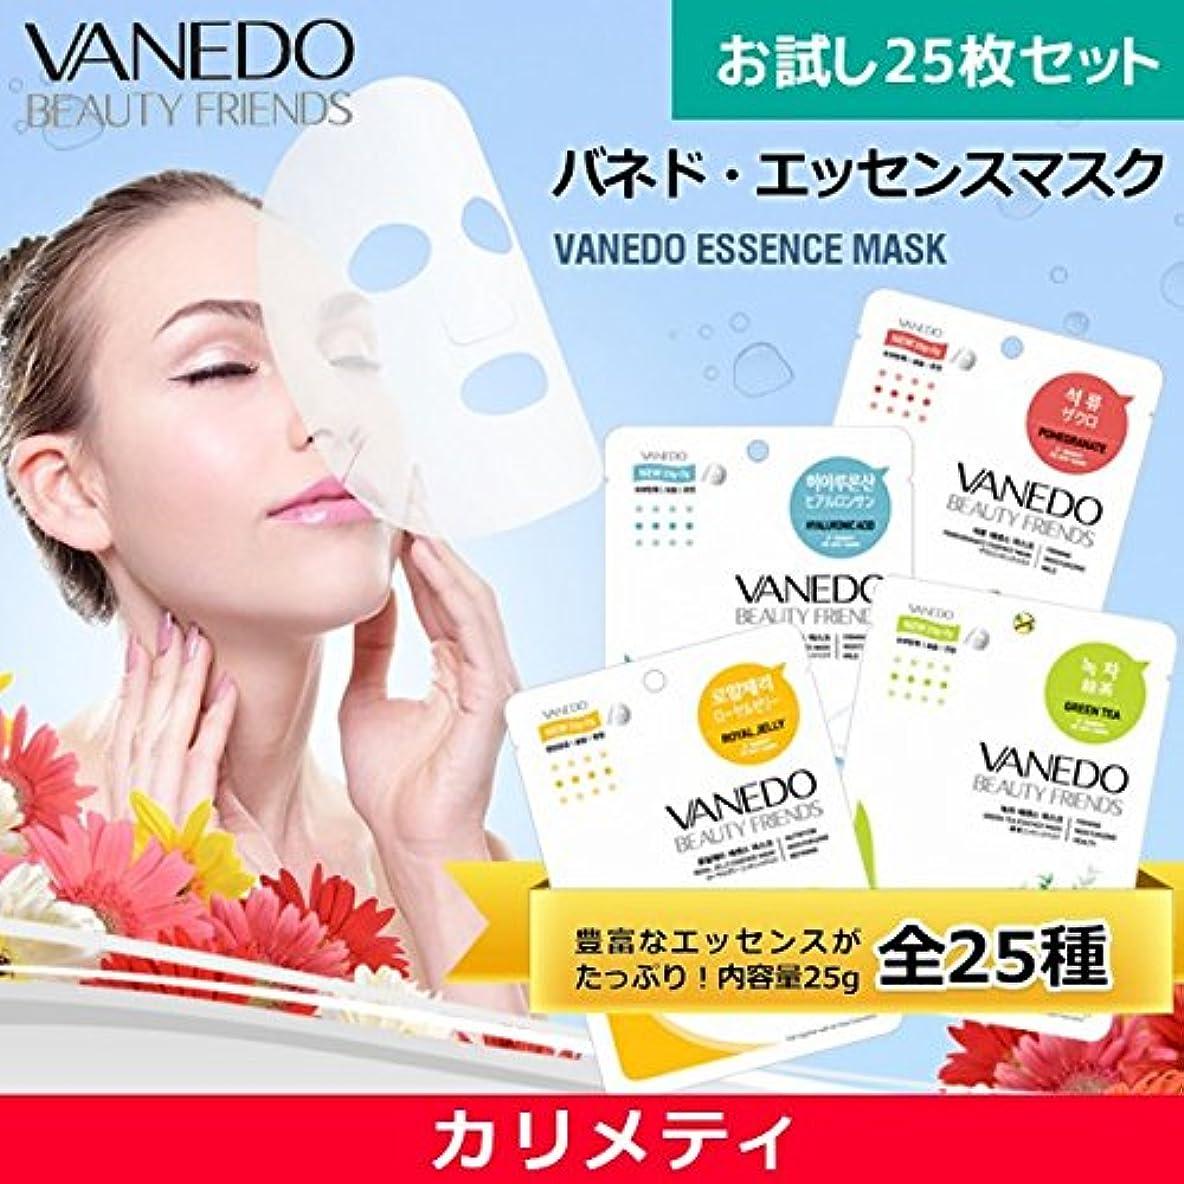 立派なテラスサーカス【VANEDO】バネド全種 25枚 お試しセット/シートマスク/マスクパック/フェイスマスク [メール便]